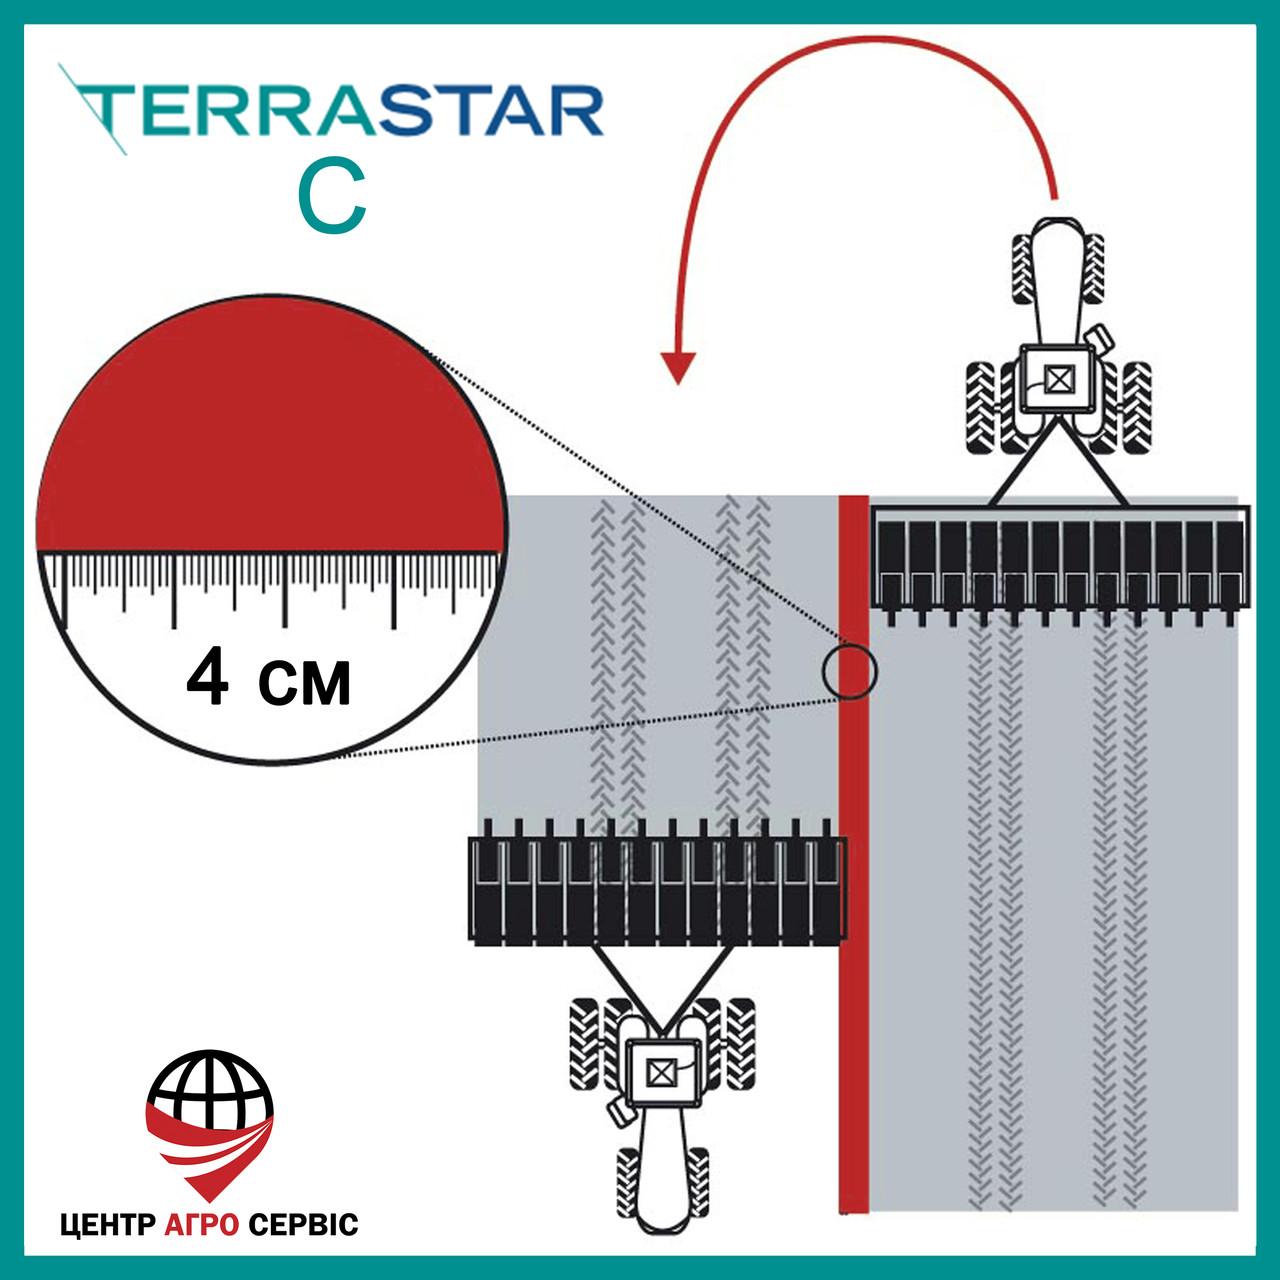 Спутниковая коррекция TerraStar-C NovAtel (4 см)